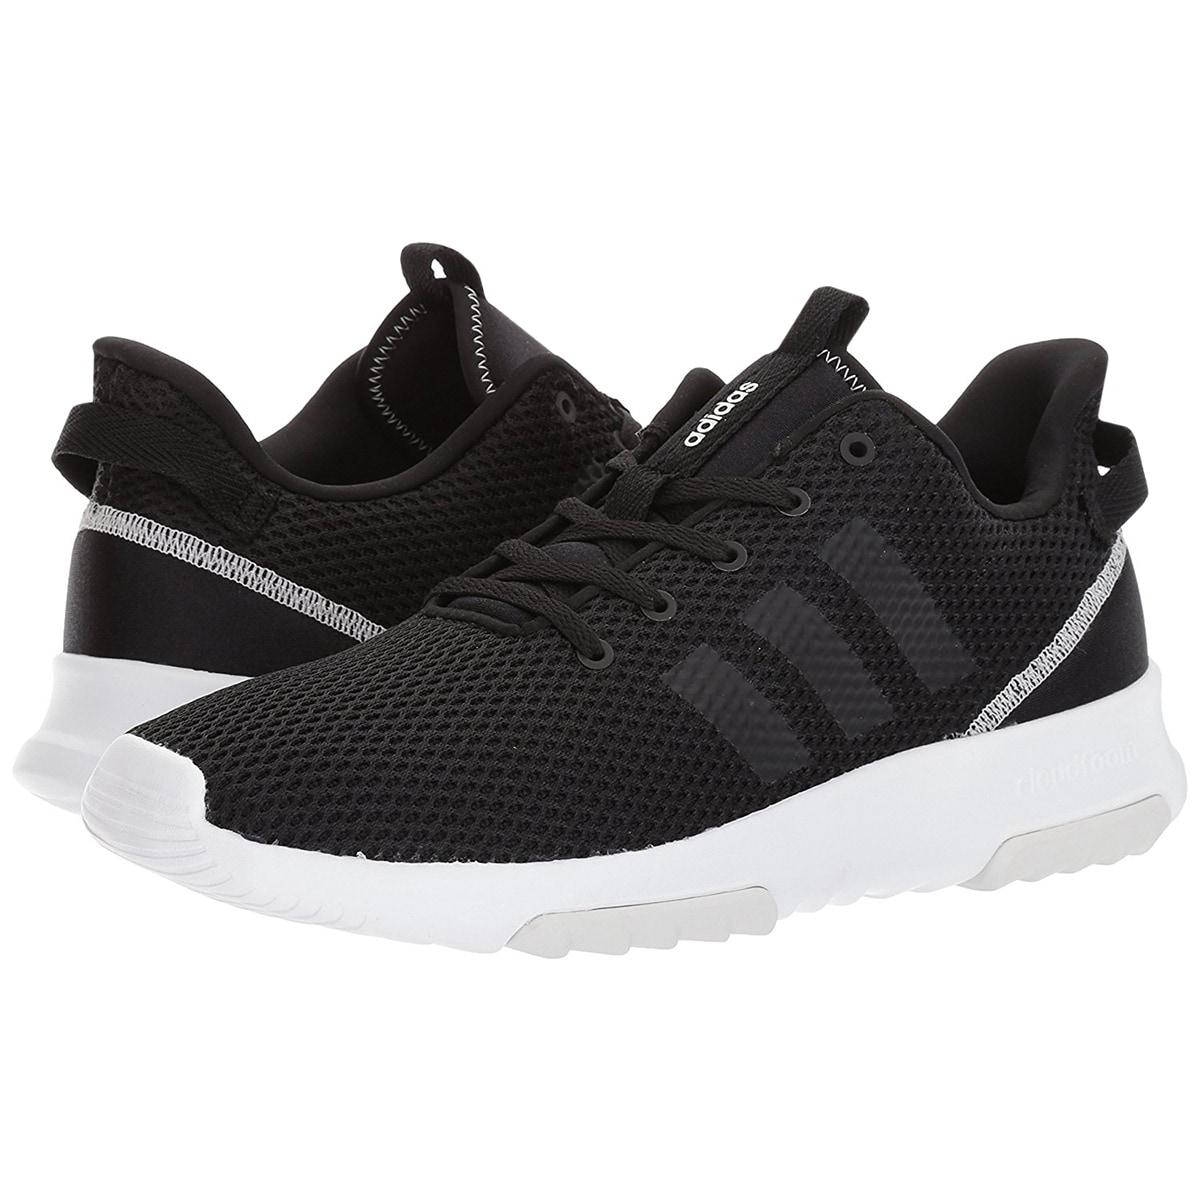 Shop Adidas Women s Neo CloudFoam Racer Trail Running Shoes - Black ... 7ba3bffc1